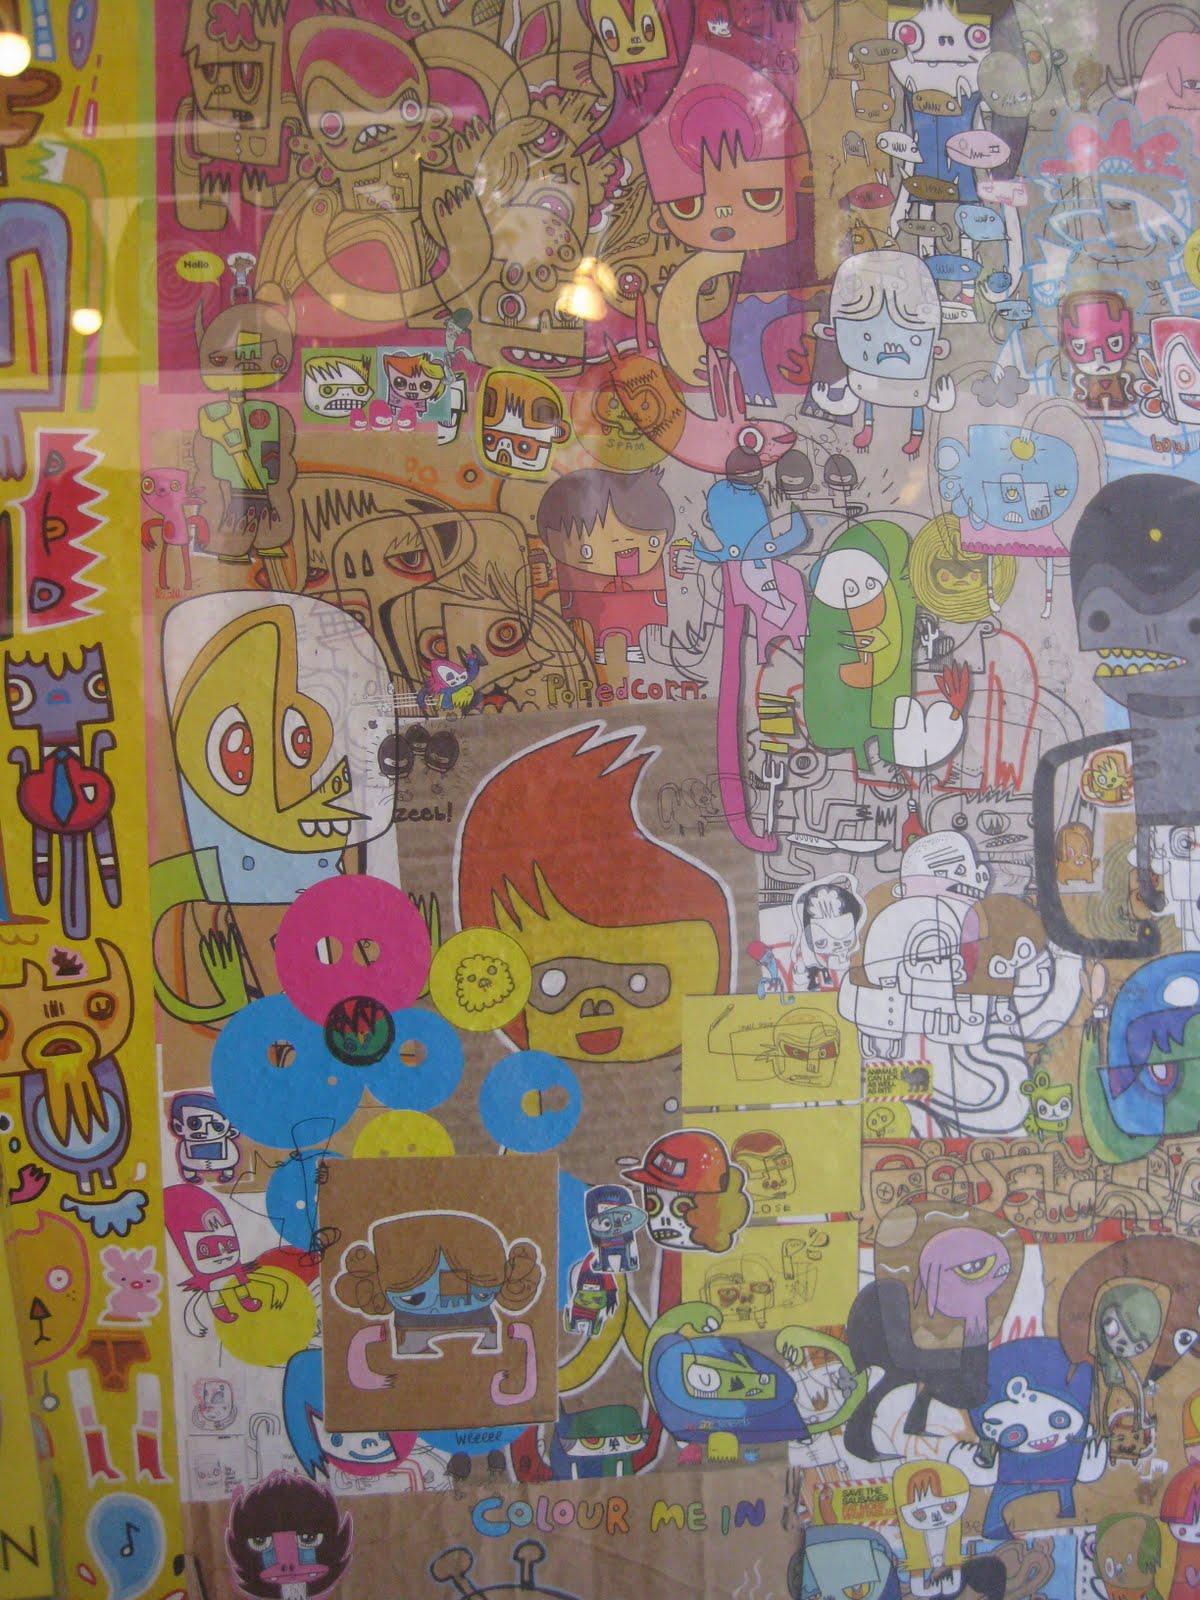 pink%2Bcartoon%2Bwall Monday, May 16, 2011